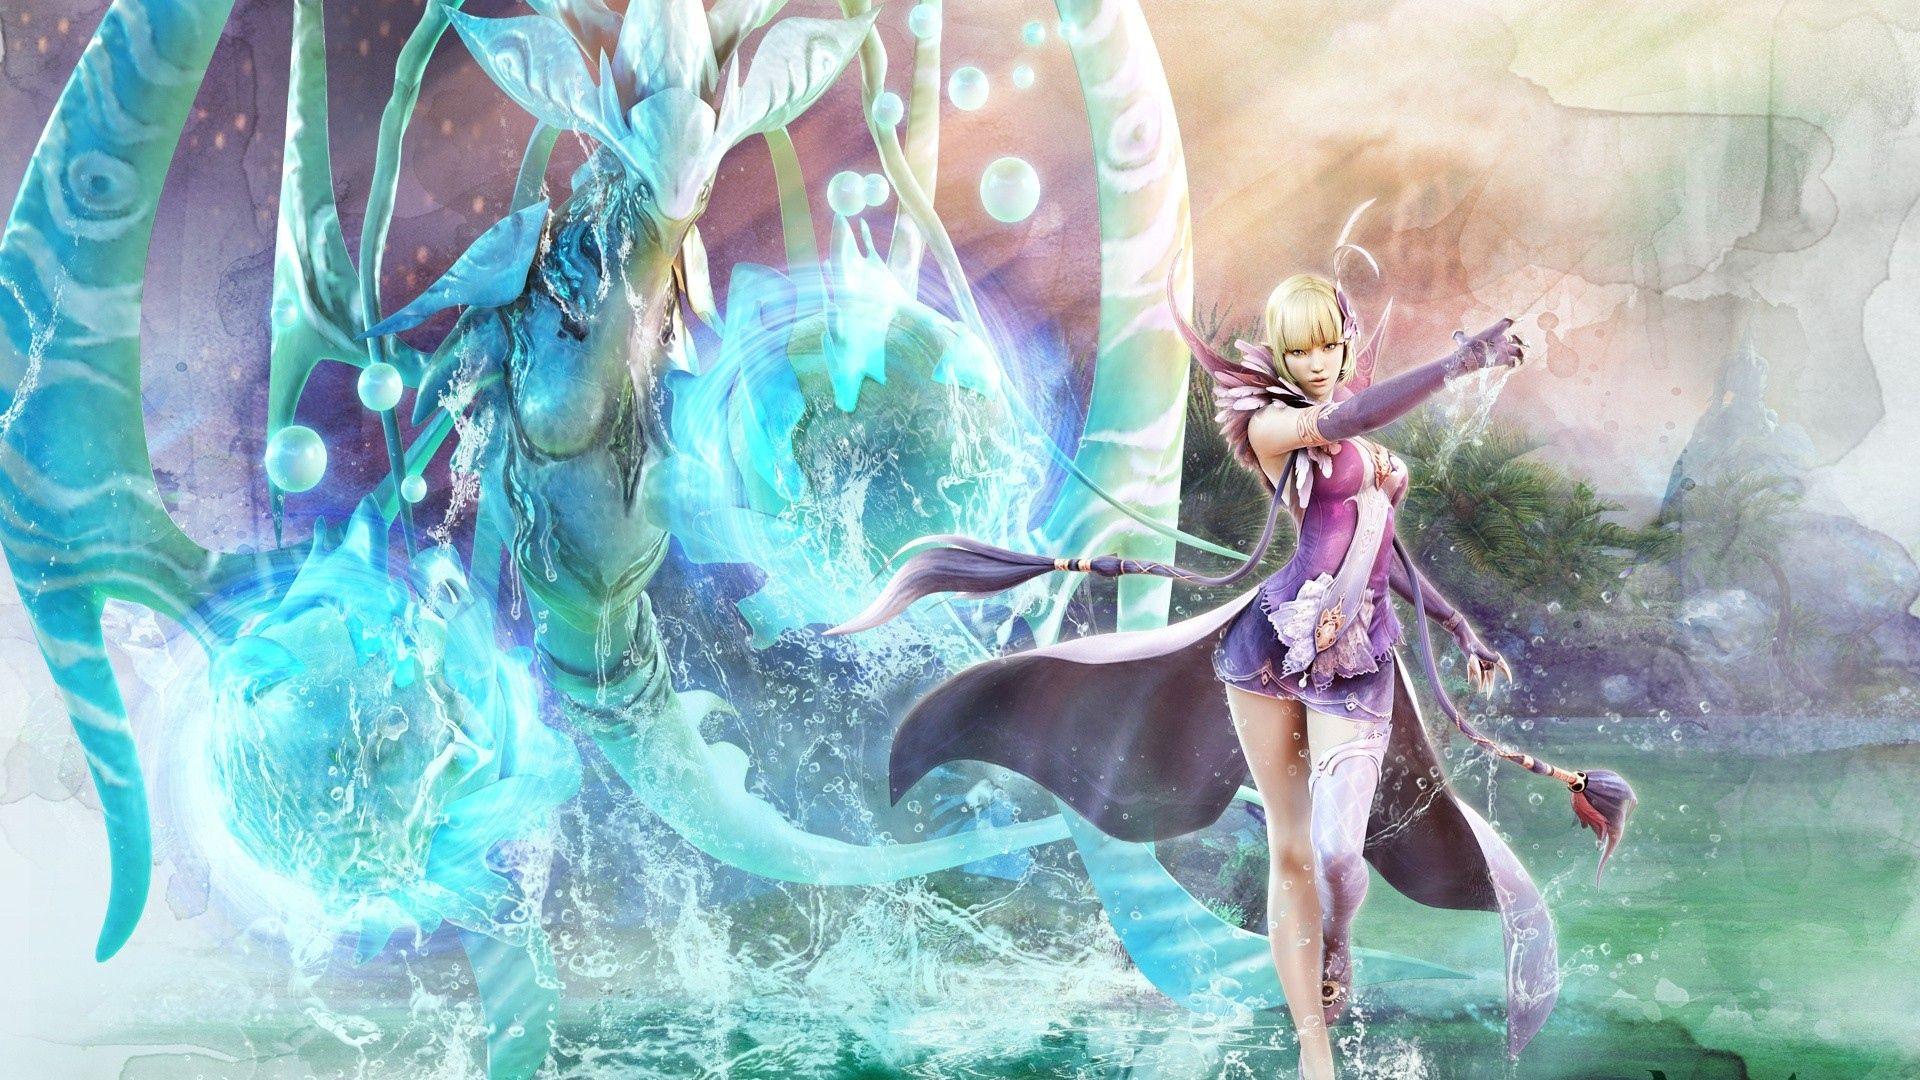 Astonishing aion girl magician water « Kuff Games